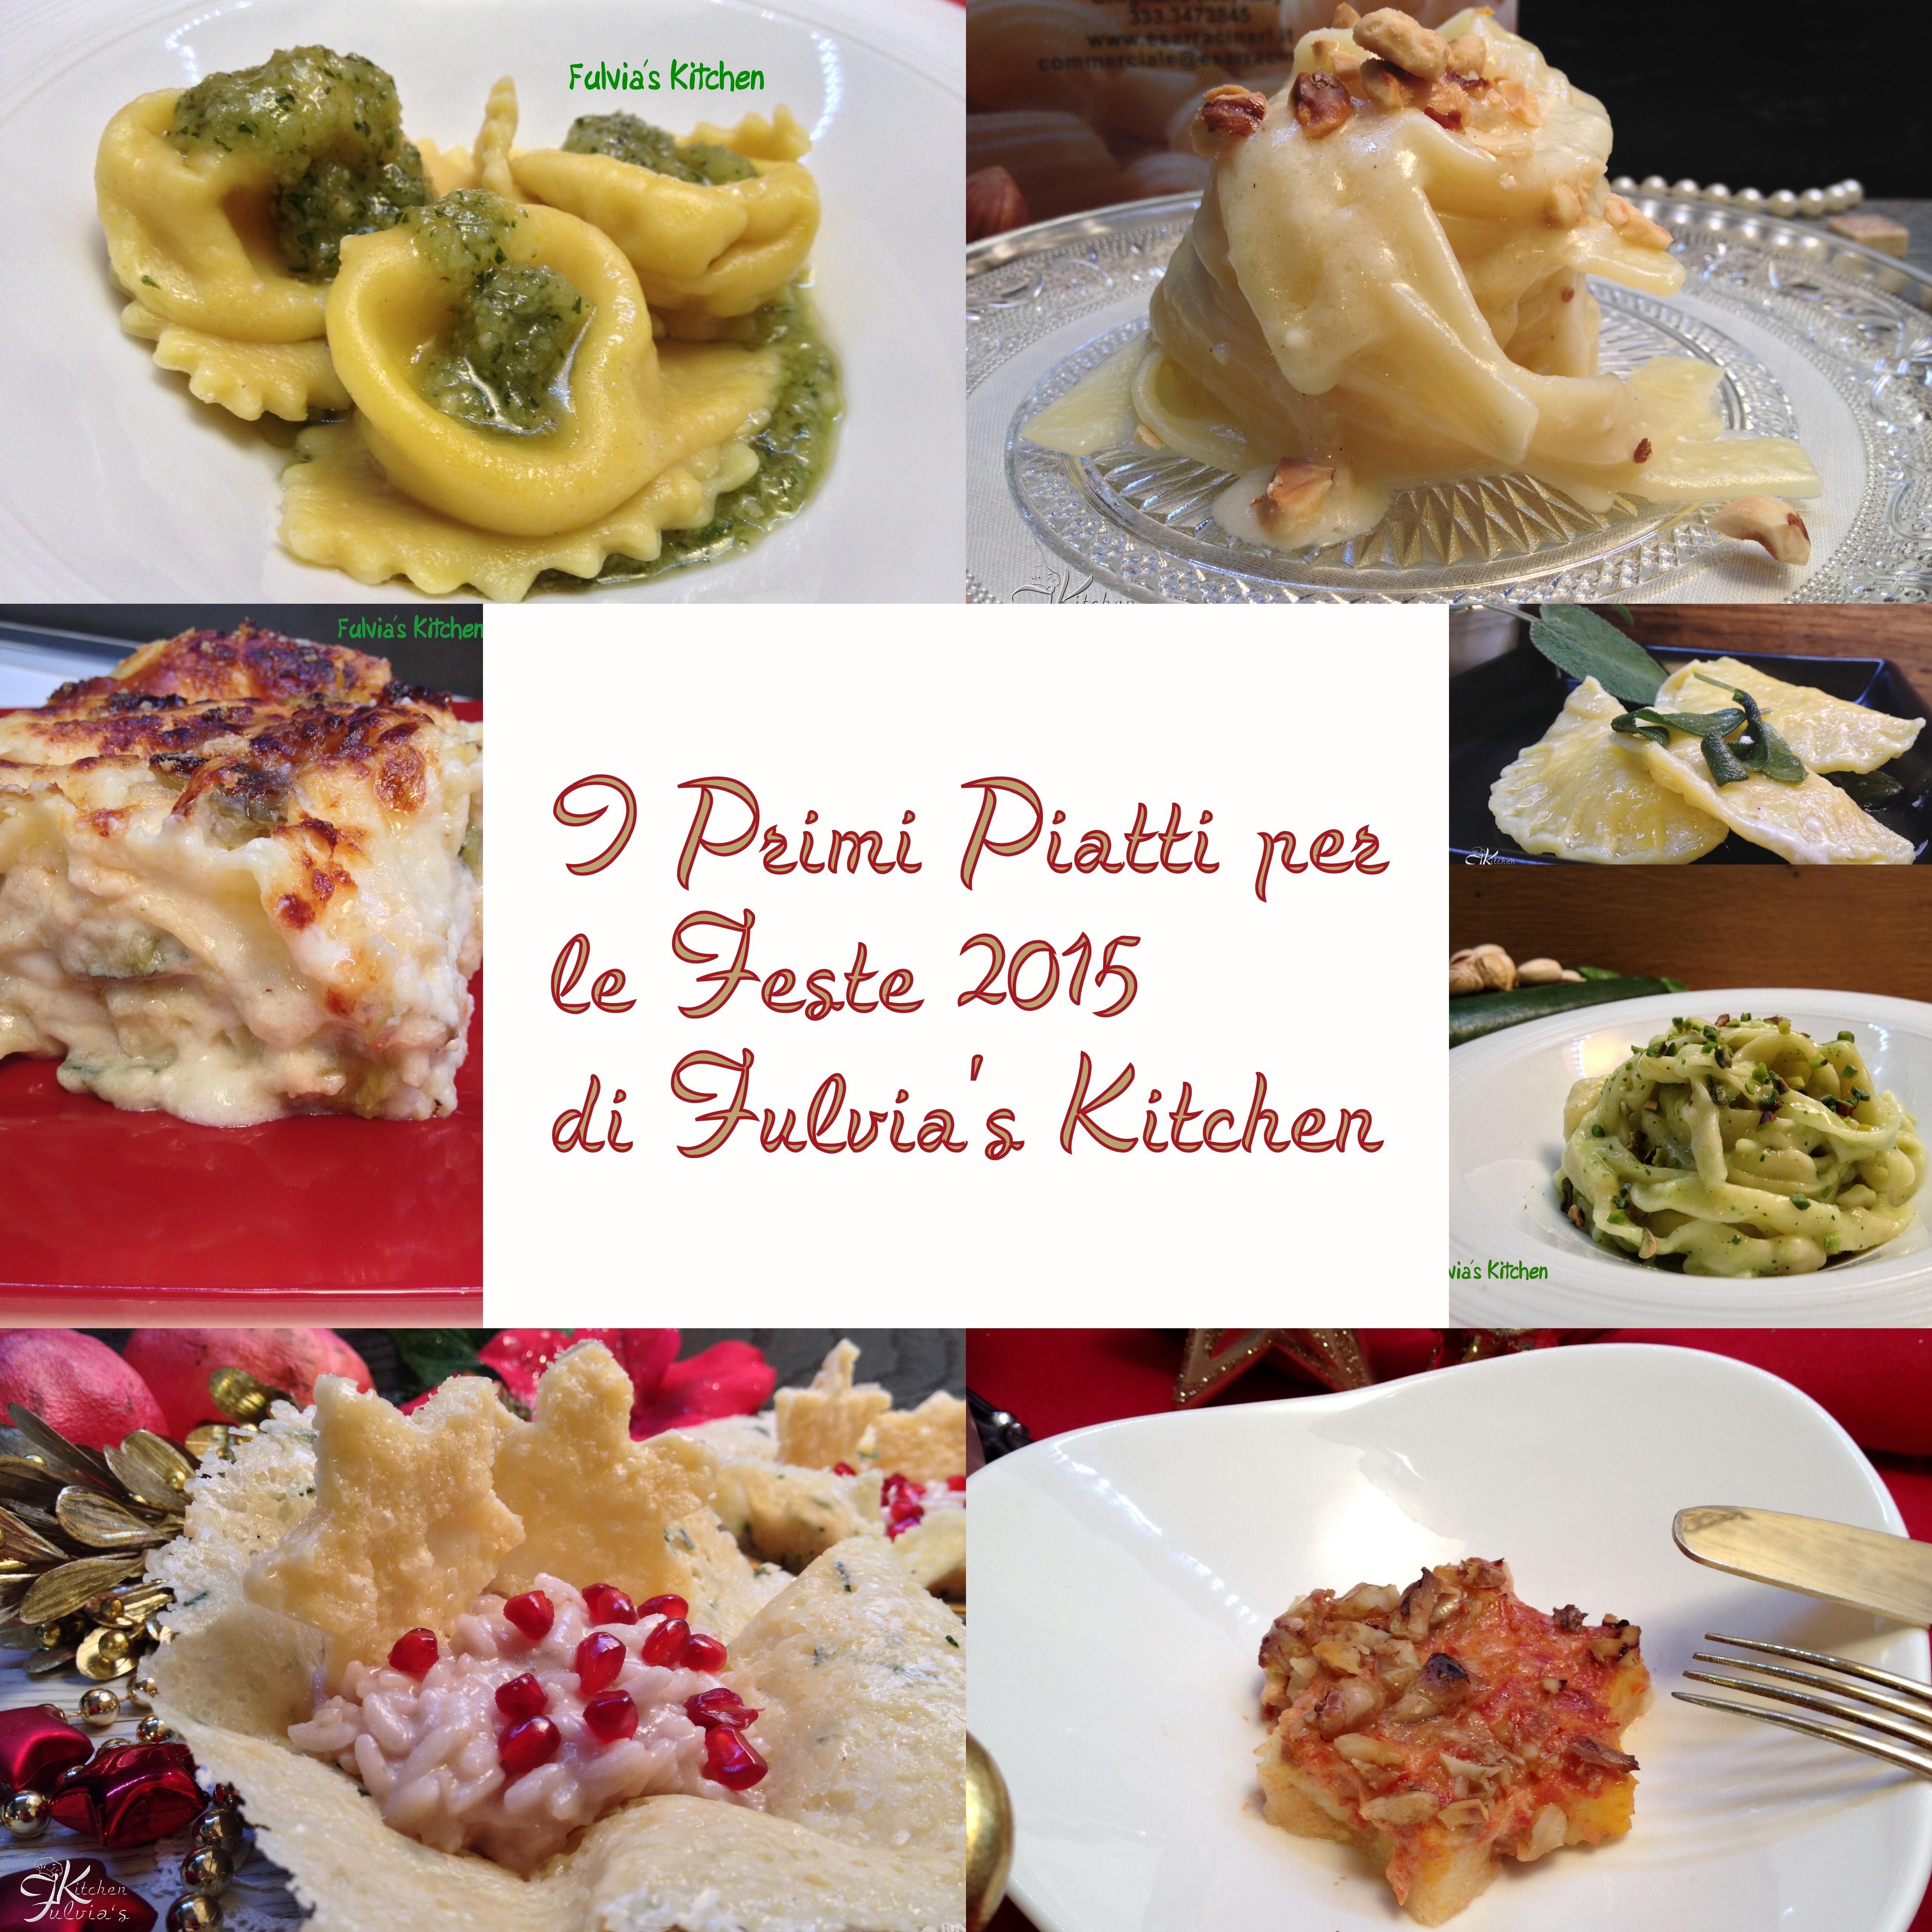 Primi piatti per le Feste 2015